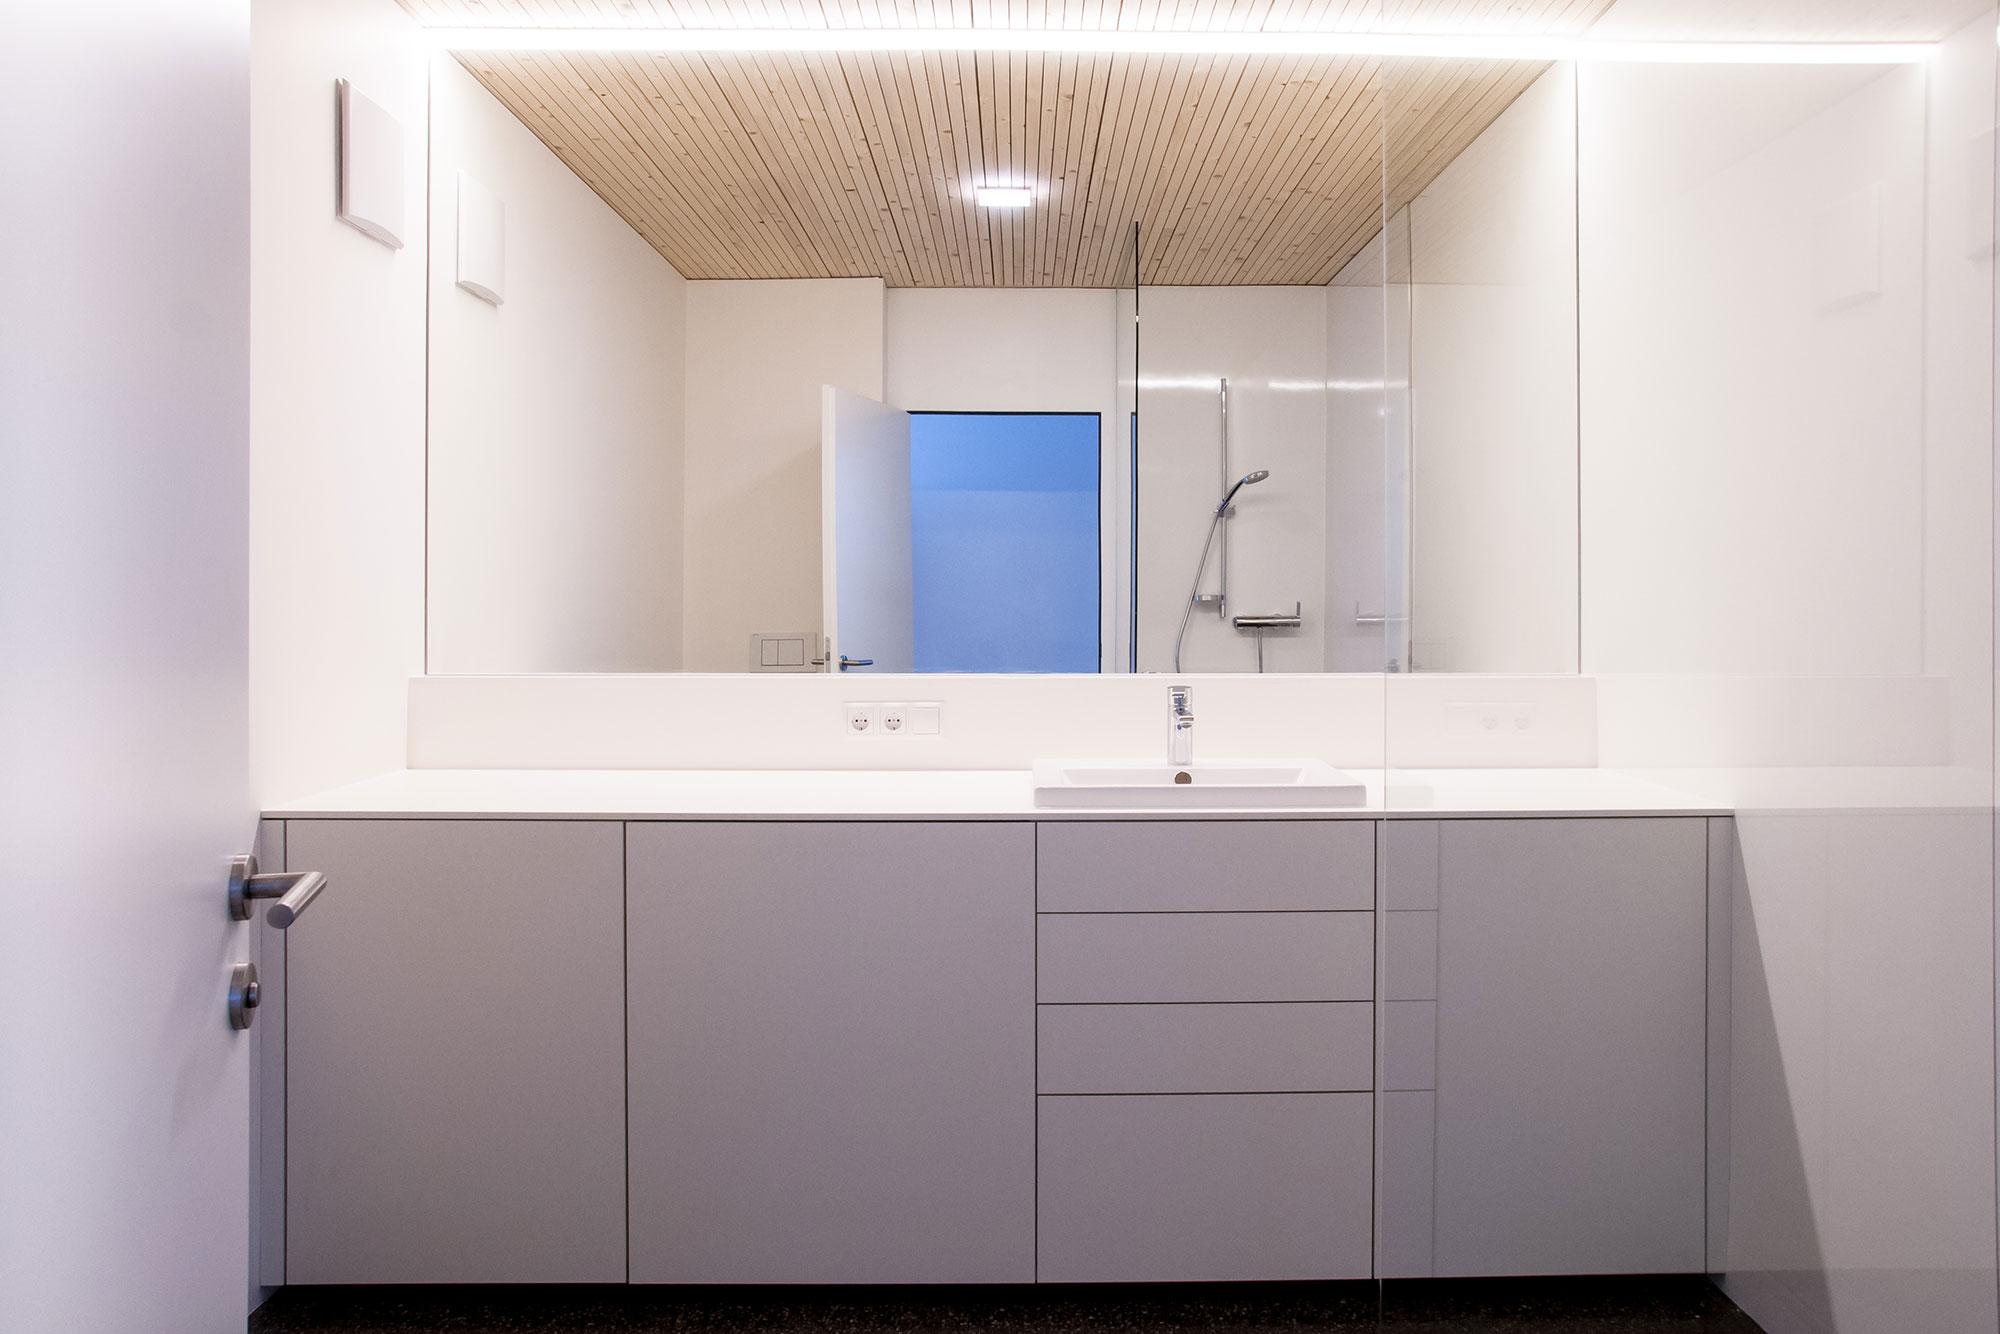 h rburger k chen m bel fenster planung ausf hrung. Black Bedroom Furniture Sets. Home Design Ideas